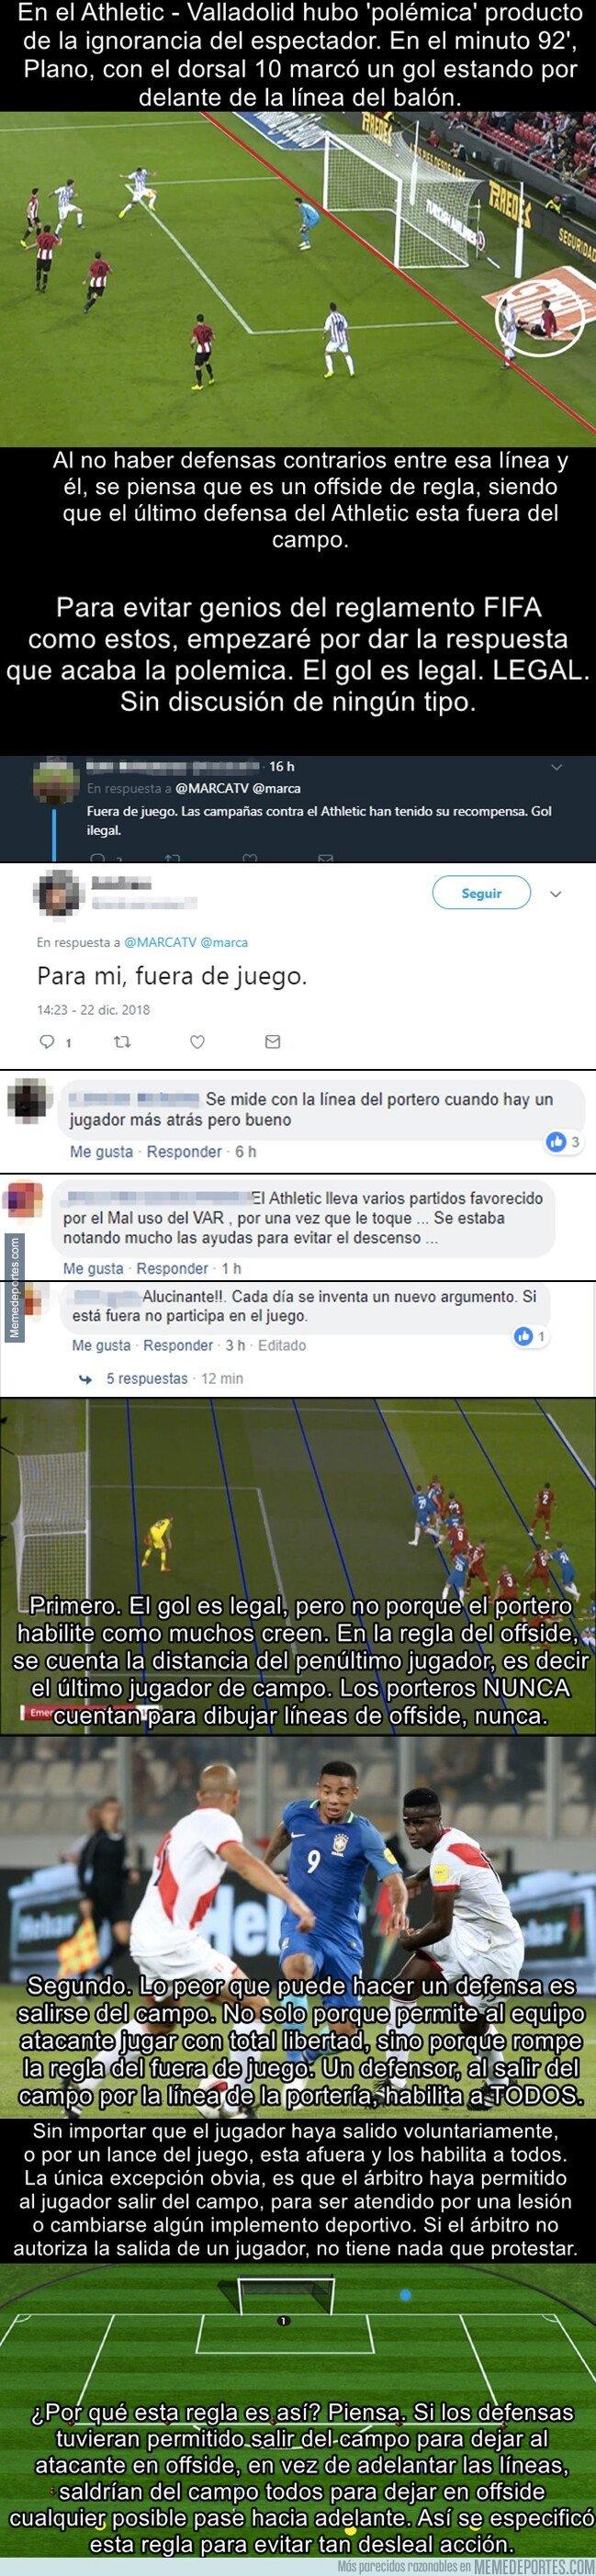 1059838 - Fin de la polémica del gol de Plano contra el Athletic y el triste analfabetismo de los aficionados